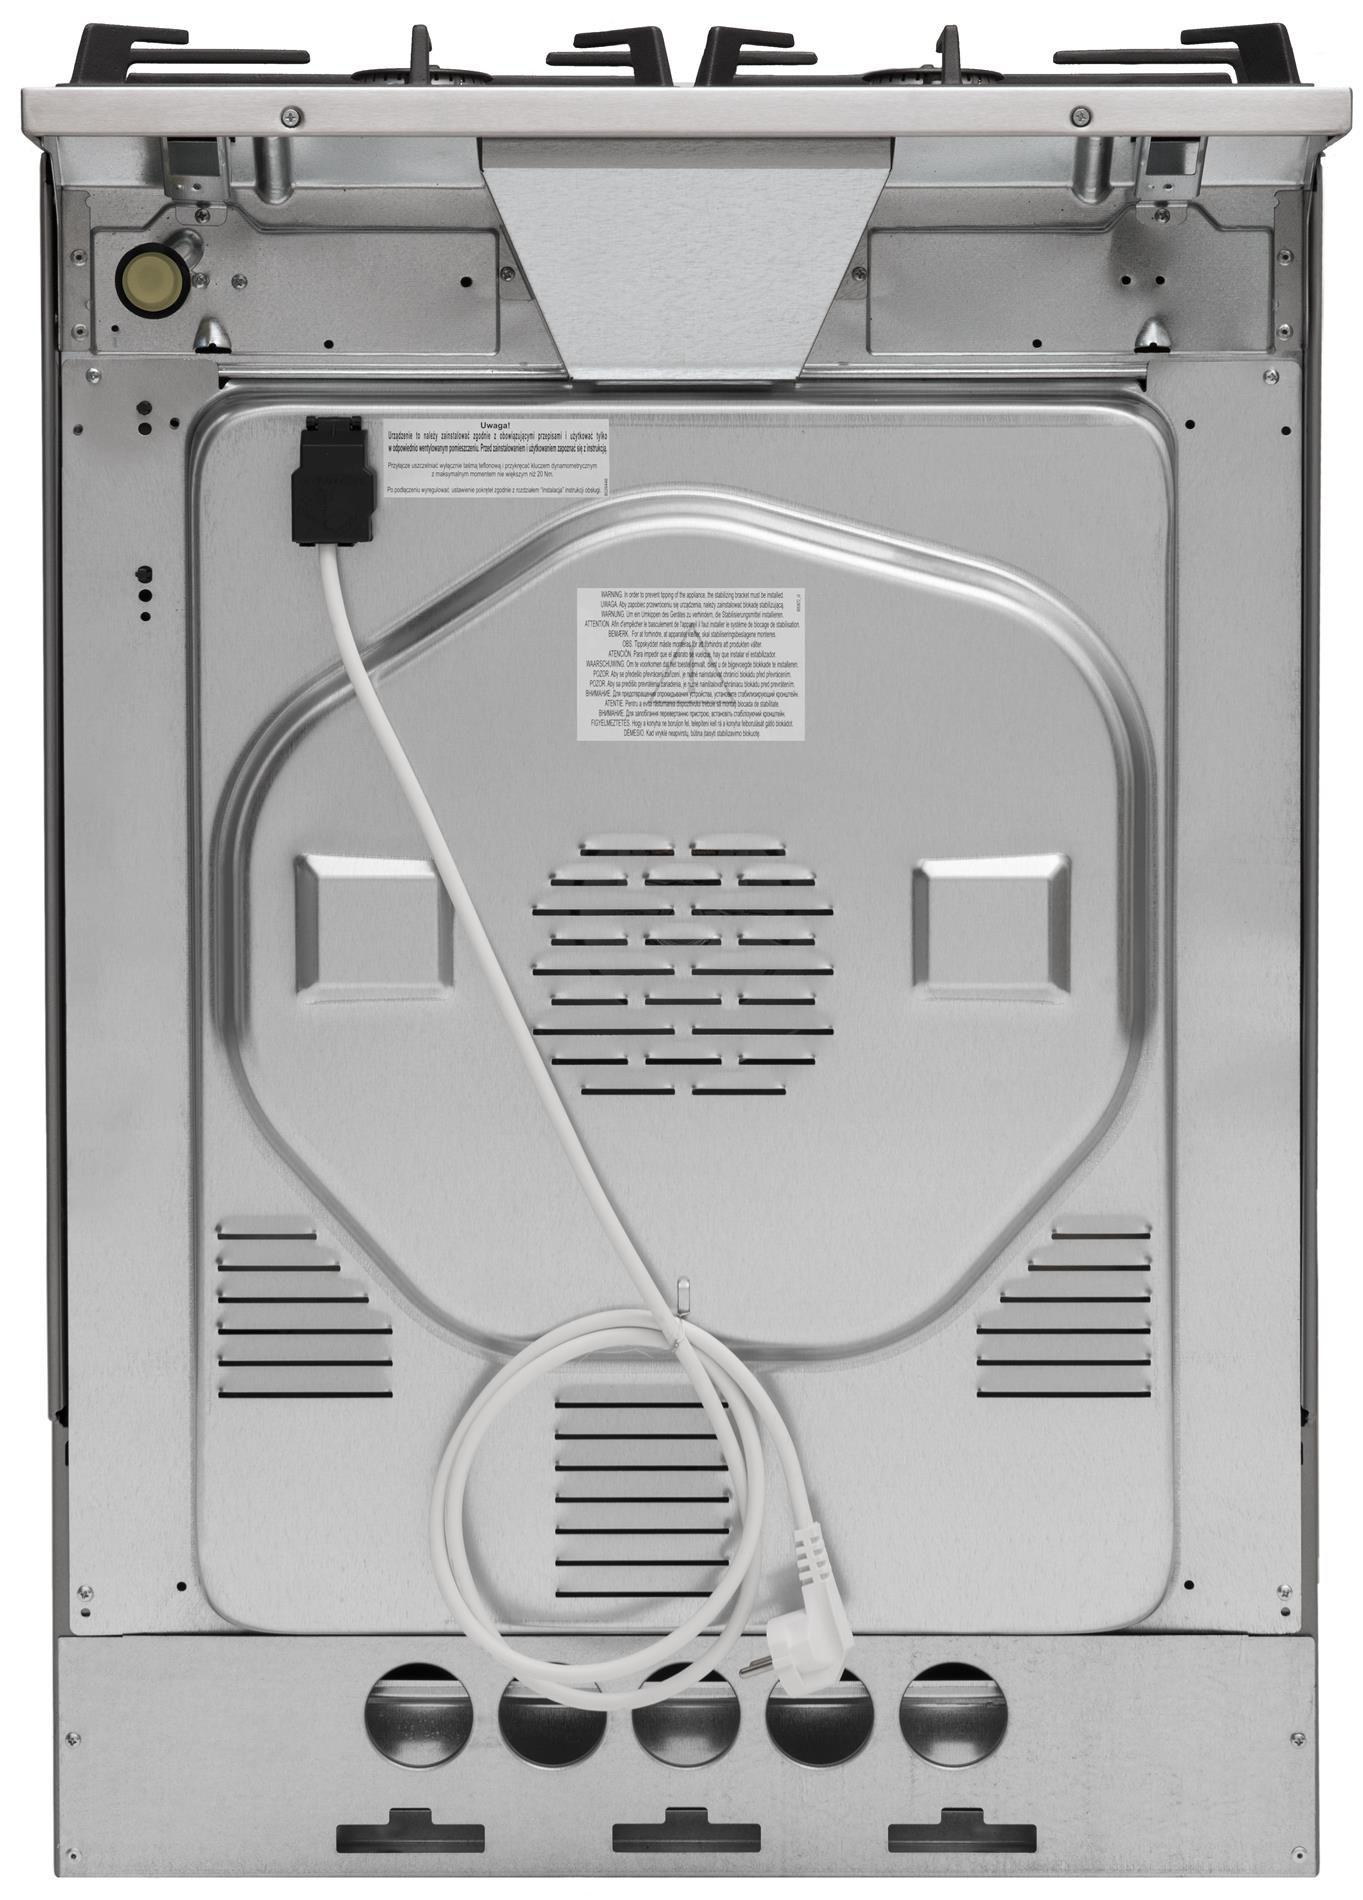 Kuchnia wolnostojąca gazowo elektryczna 614GcES3 43ZpTsKDpAQ(XL)  Amica -> Kuchnie Elektryczne Wolnostojące Amica